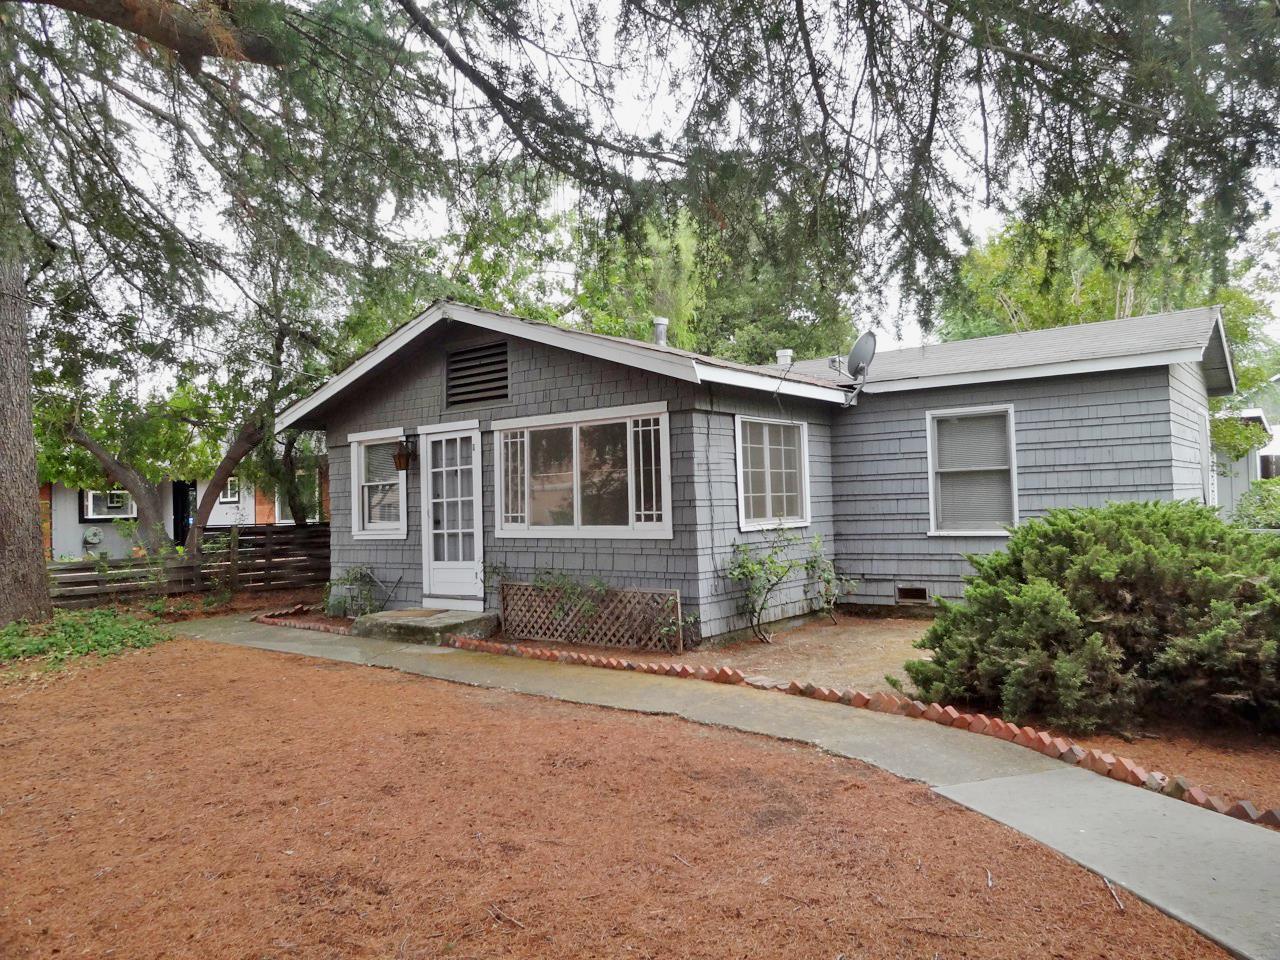 15415 National Avenue, LOS GATOS, CA 95032